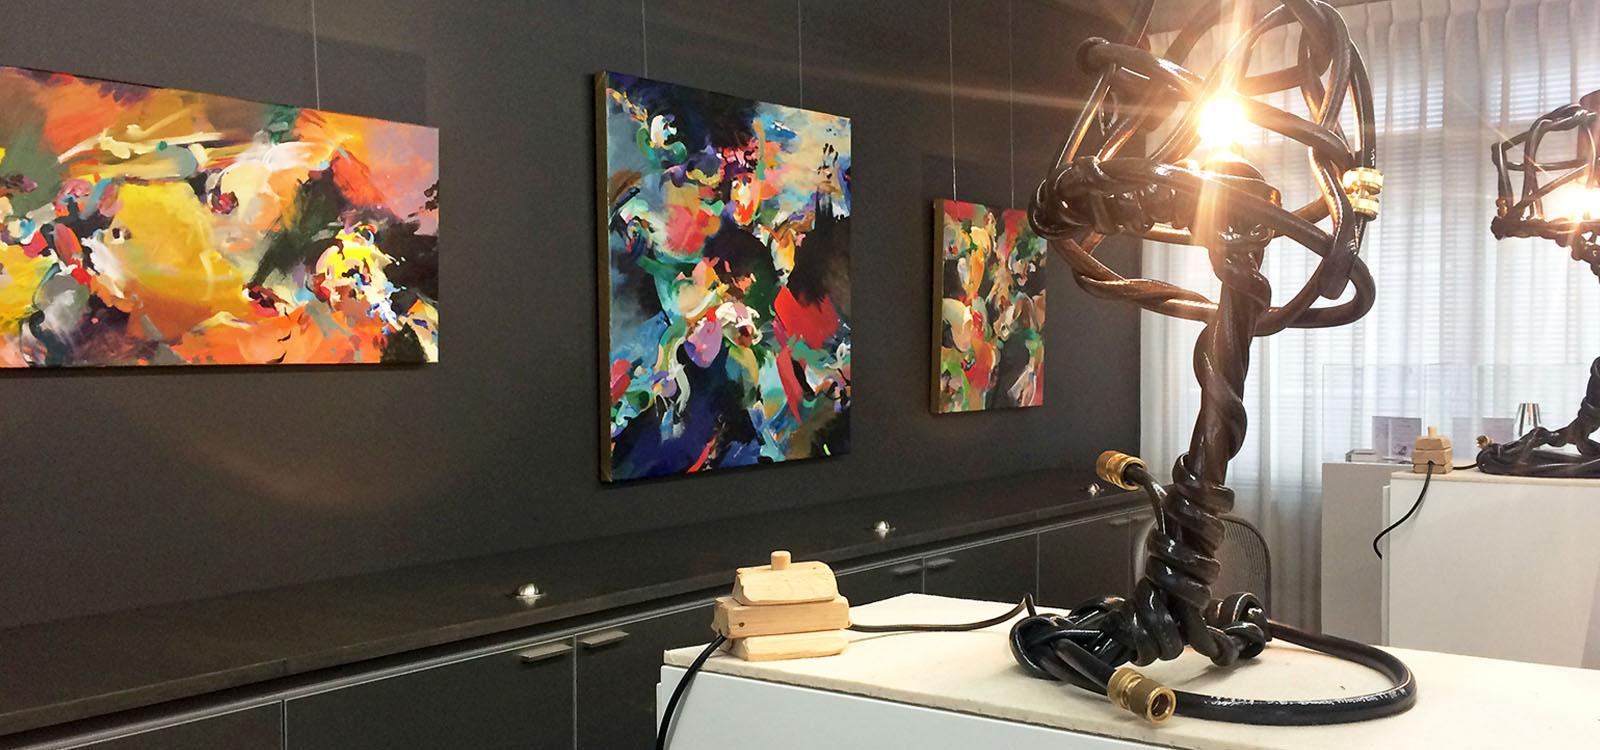 studio coen van ham centrum eindhoven huiskamergalerie